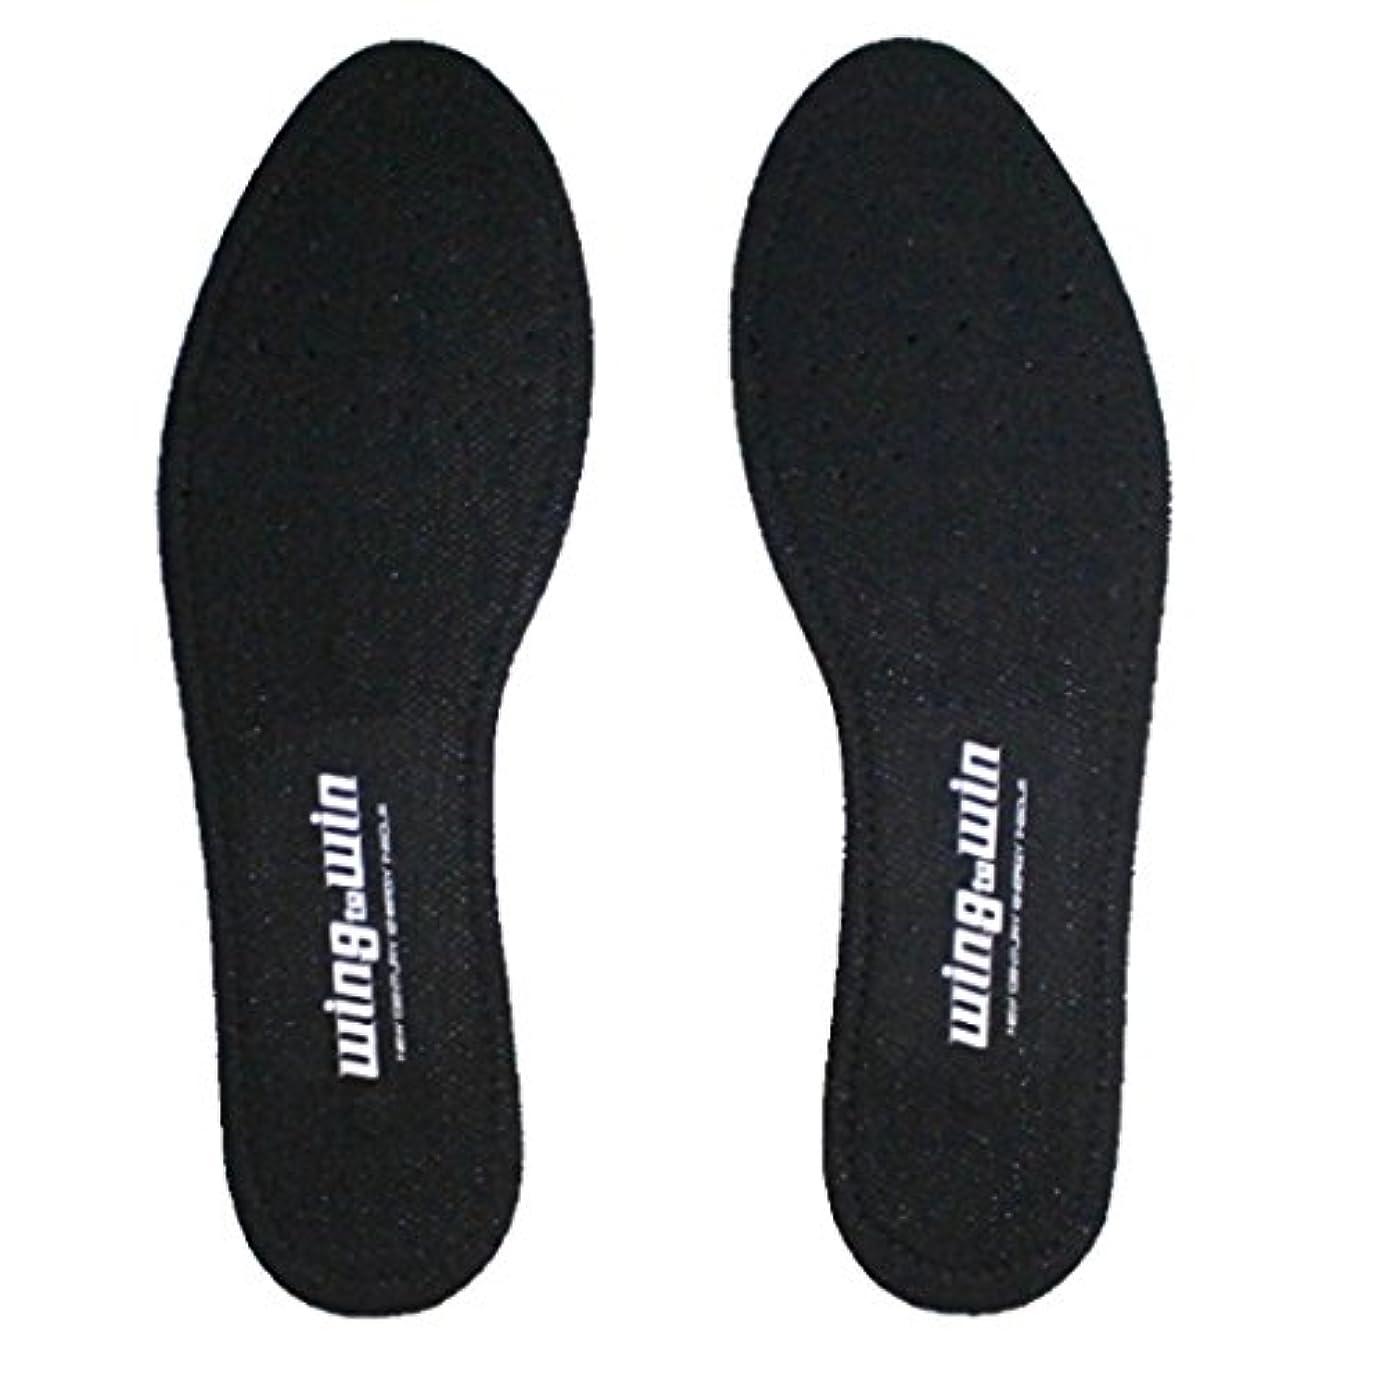 トランペット社会科名詞TQインソール ハードタイプ Lサイズ 足への負担を軽減 全身のバランスがとれ、人生の歩みが変わる (L)